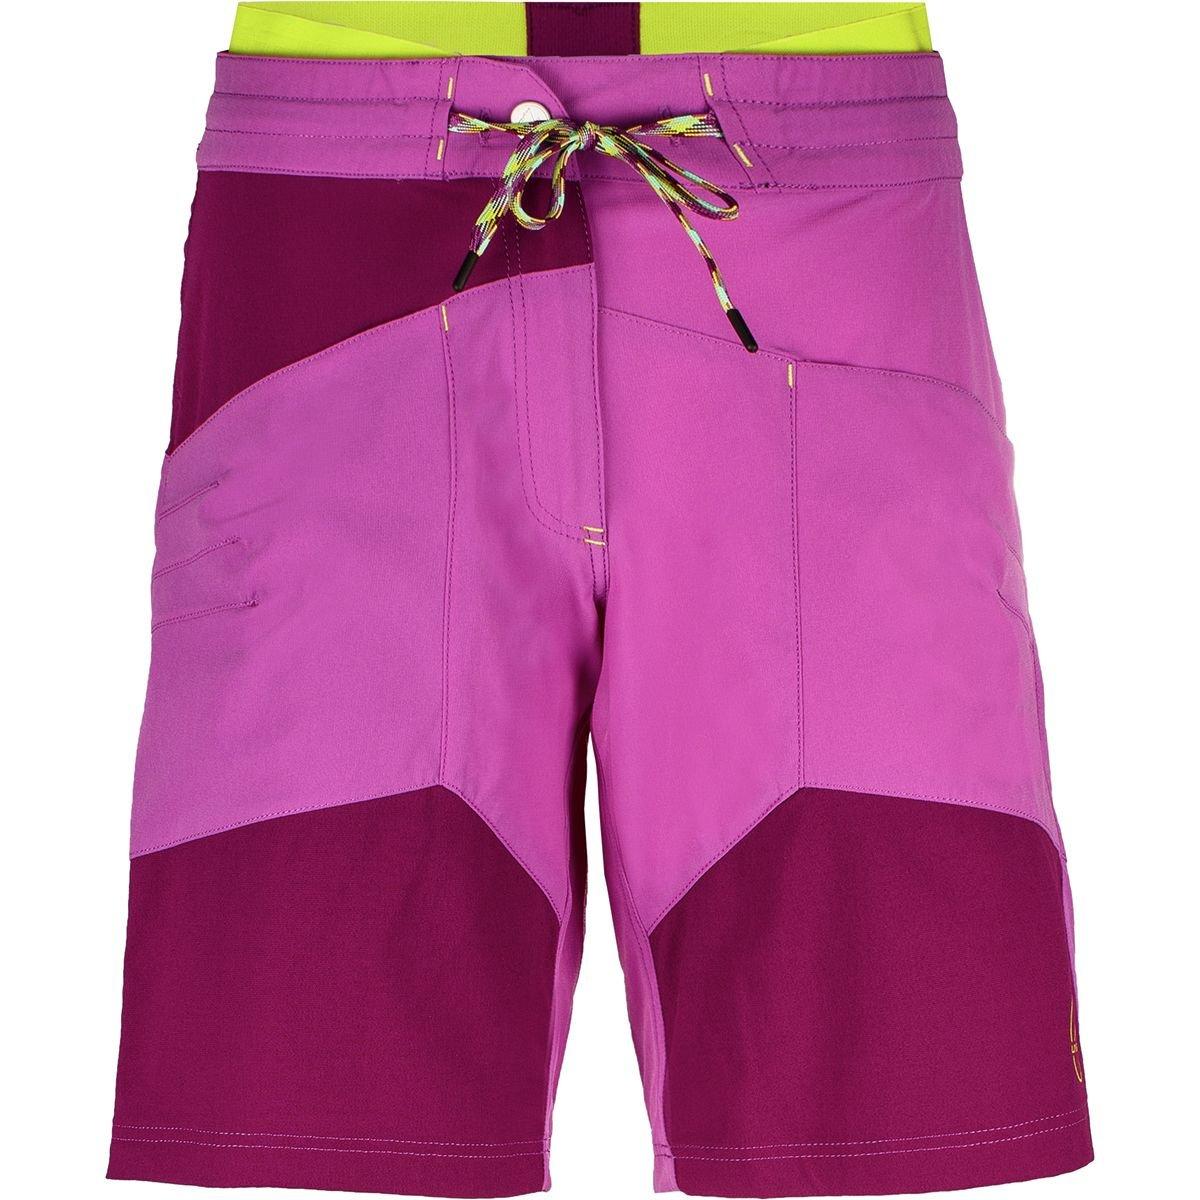 La Sportiva TX Short - Women's Purple/Plum, XS